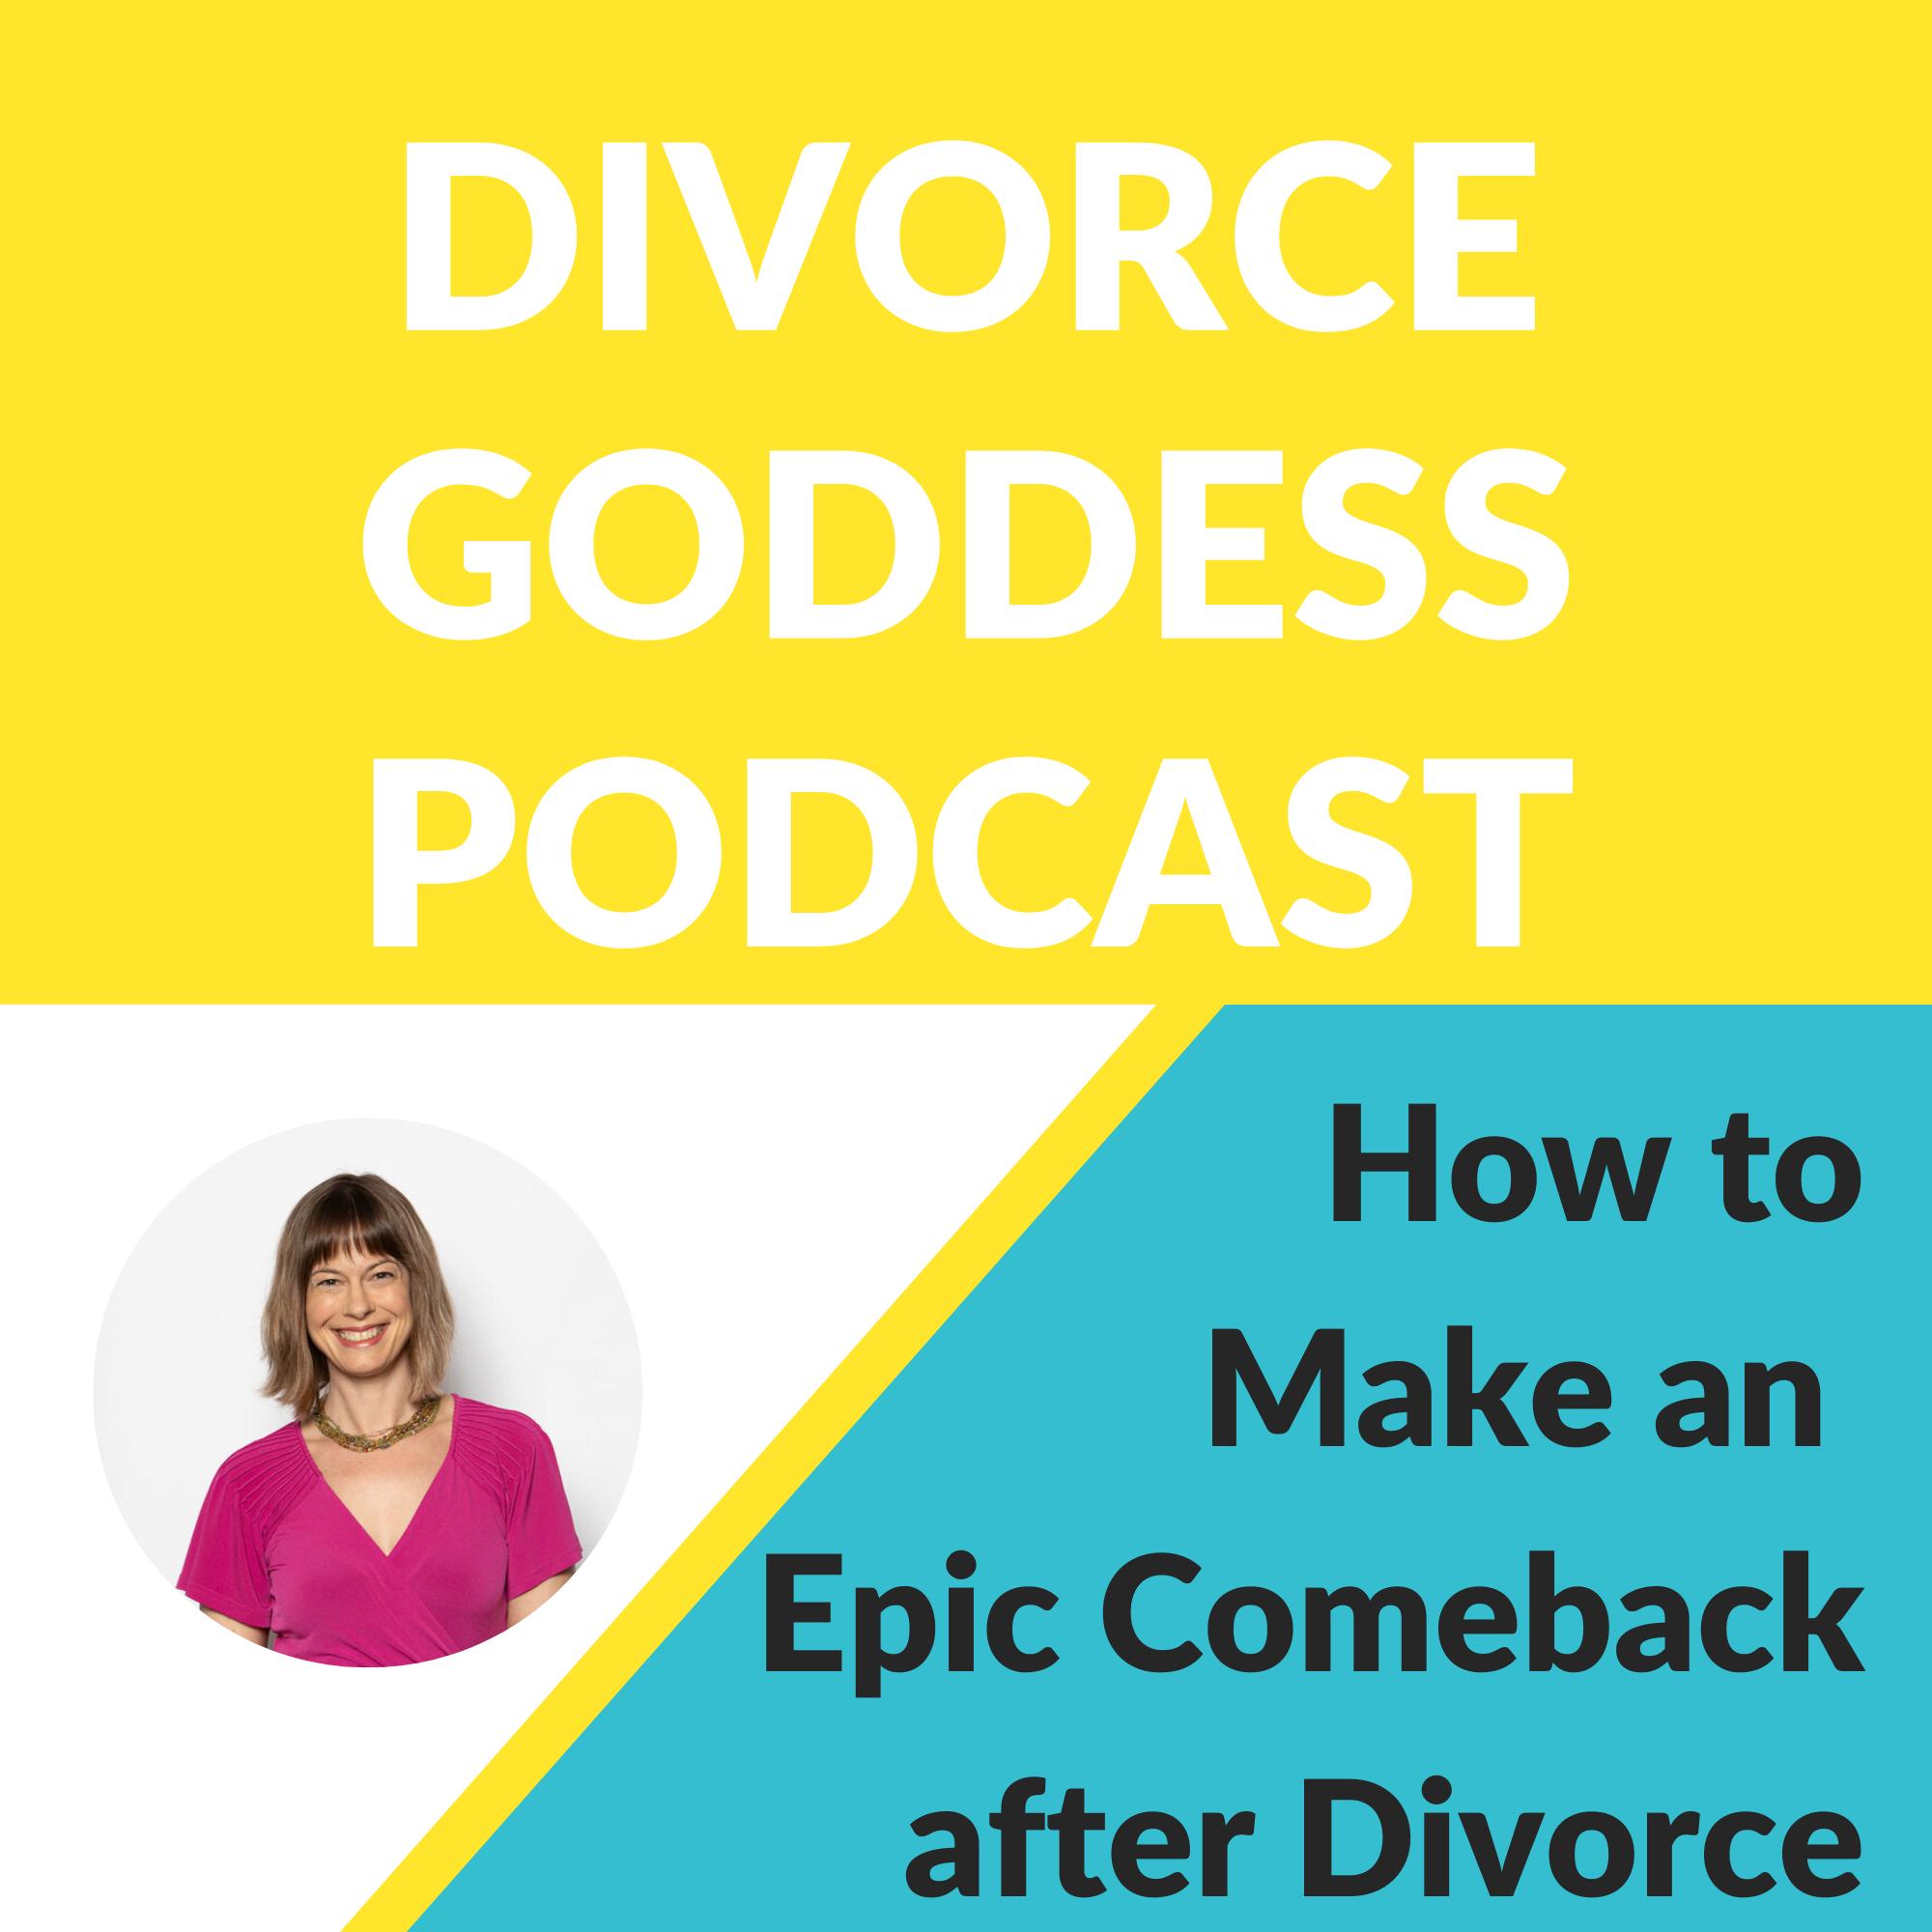 Divorce Goddess Podcast - How to Make An Epic Comeback After Divorce